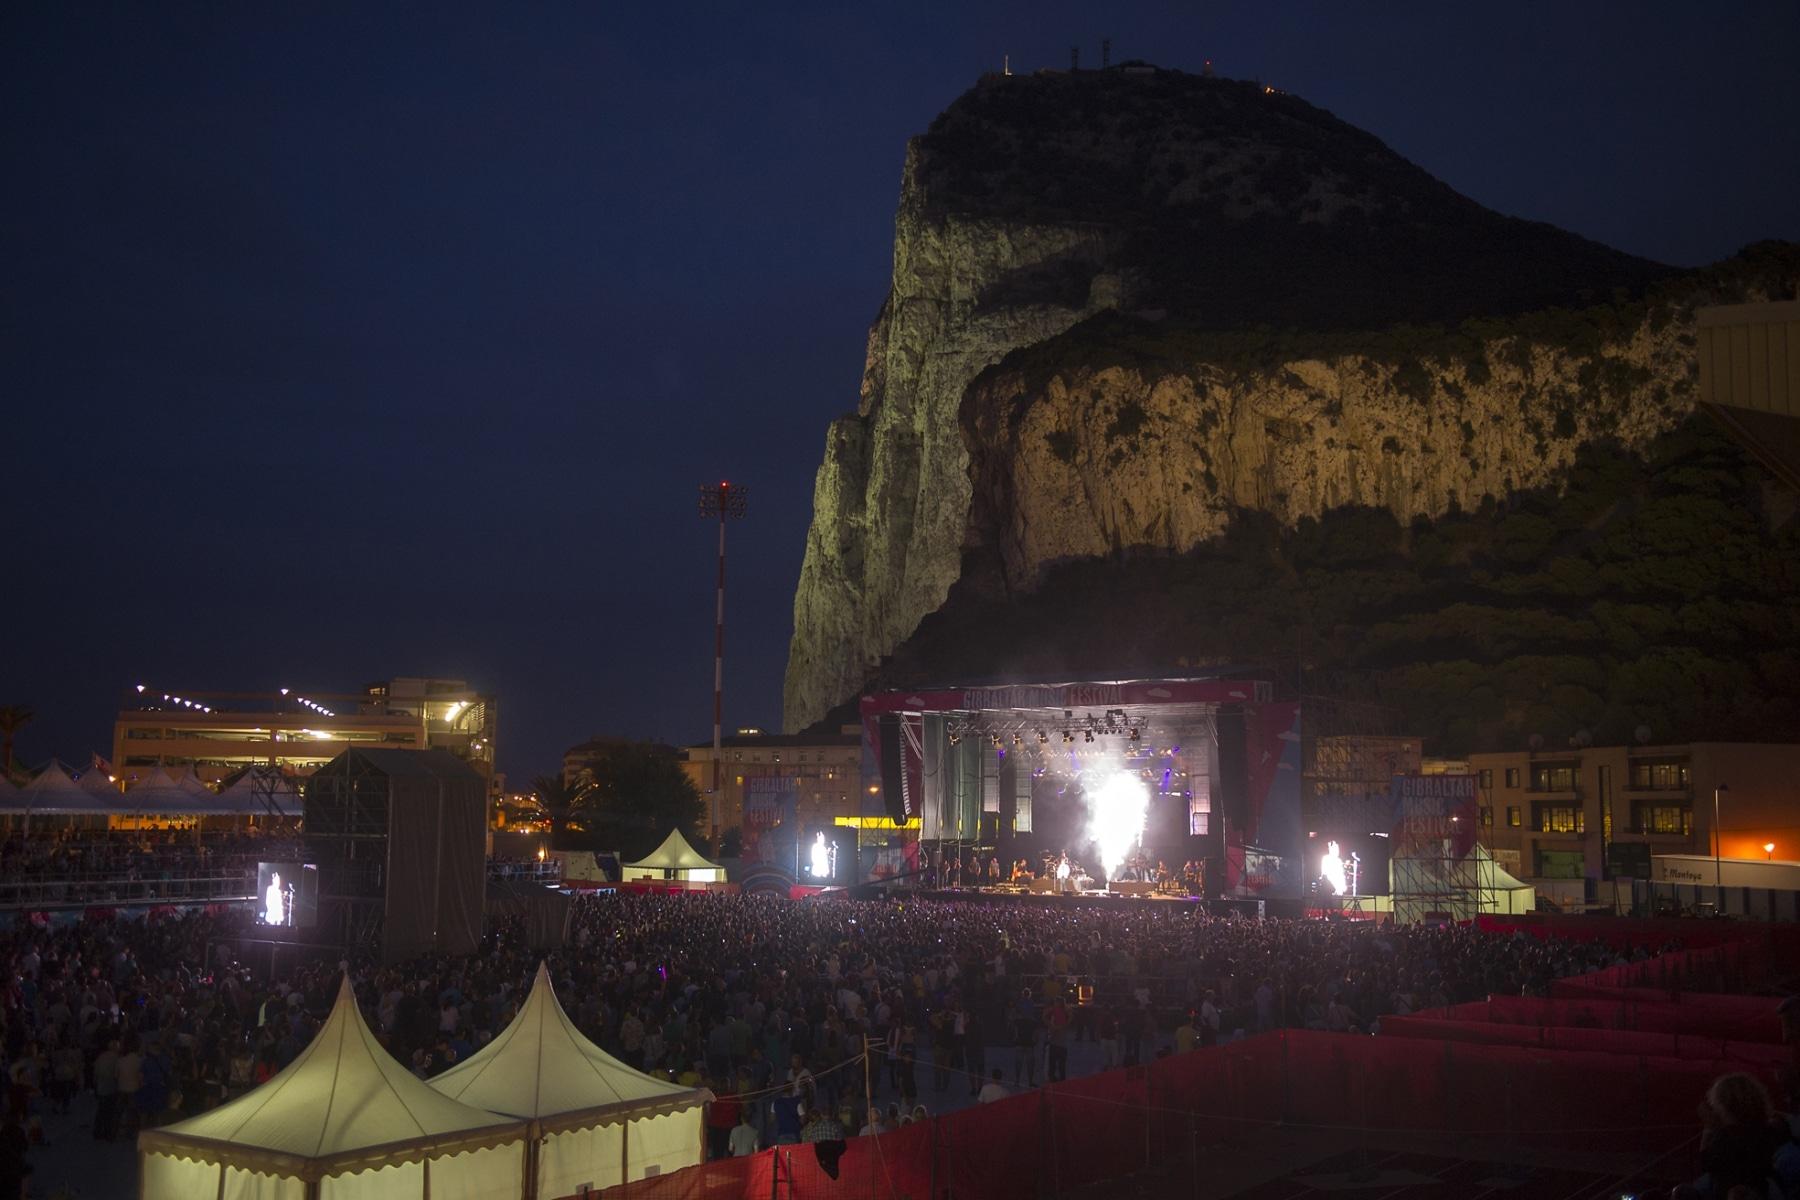 gibraltar-music-festival-2013-publico-y-ambiente_9699813877_o